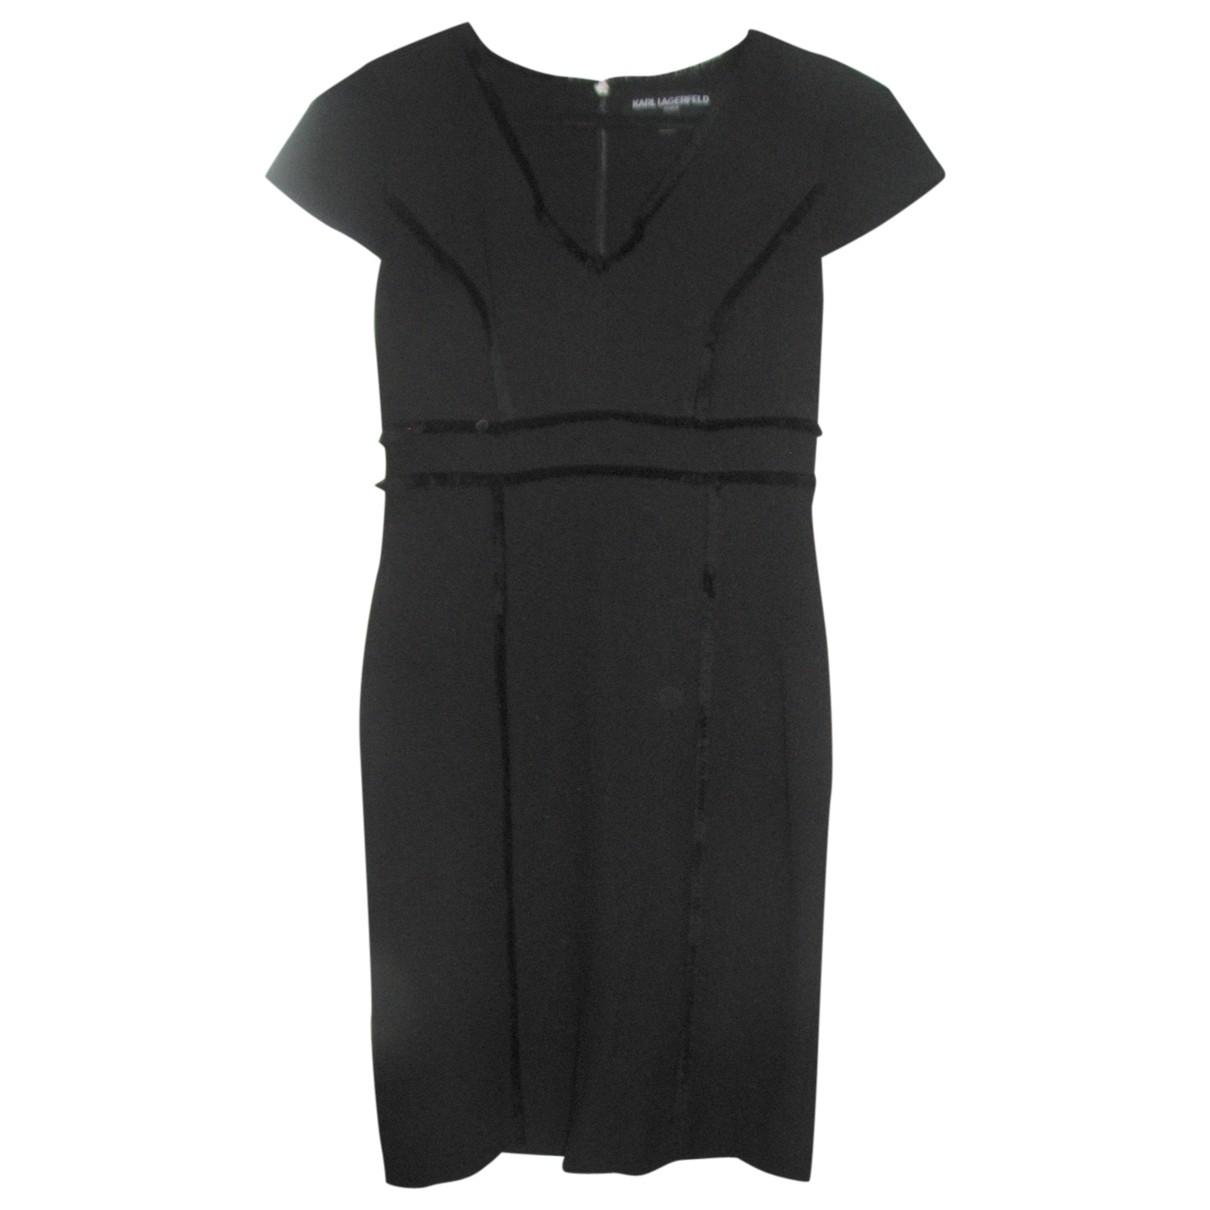 Karl Lagerfeld \N Black dress for Women 6 US